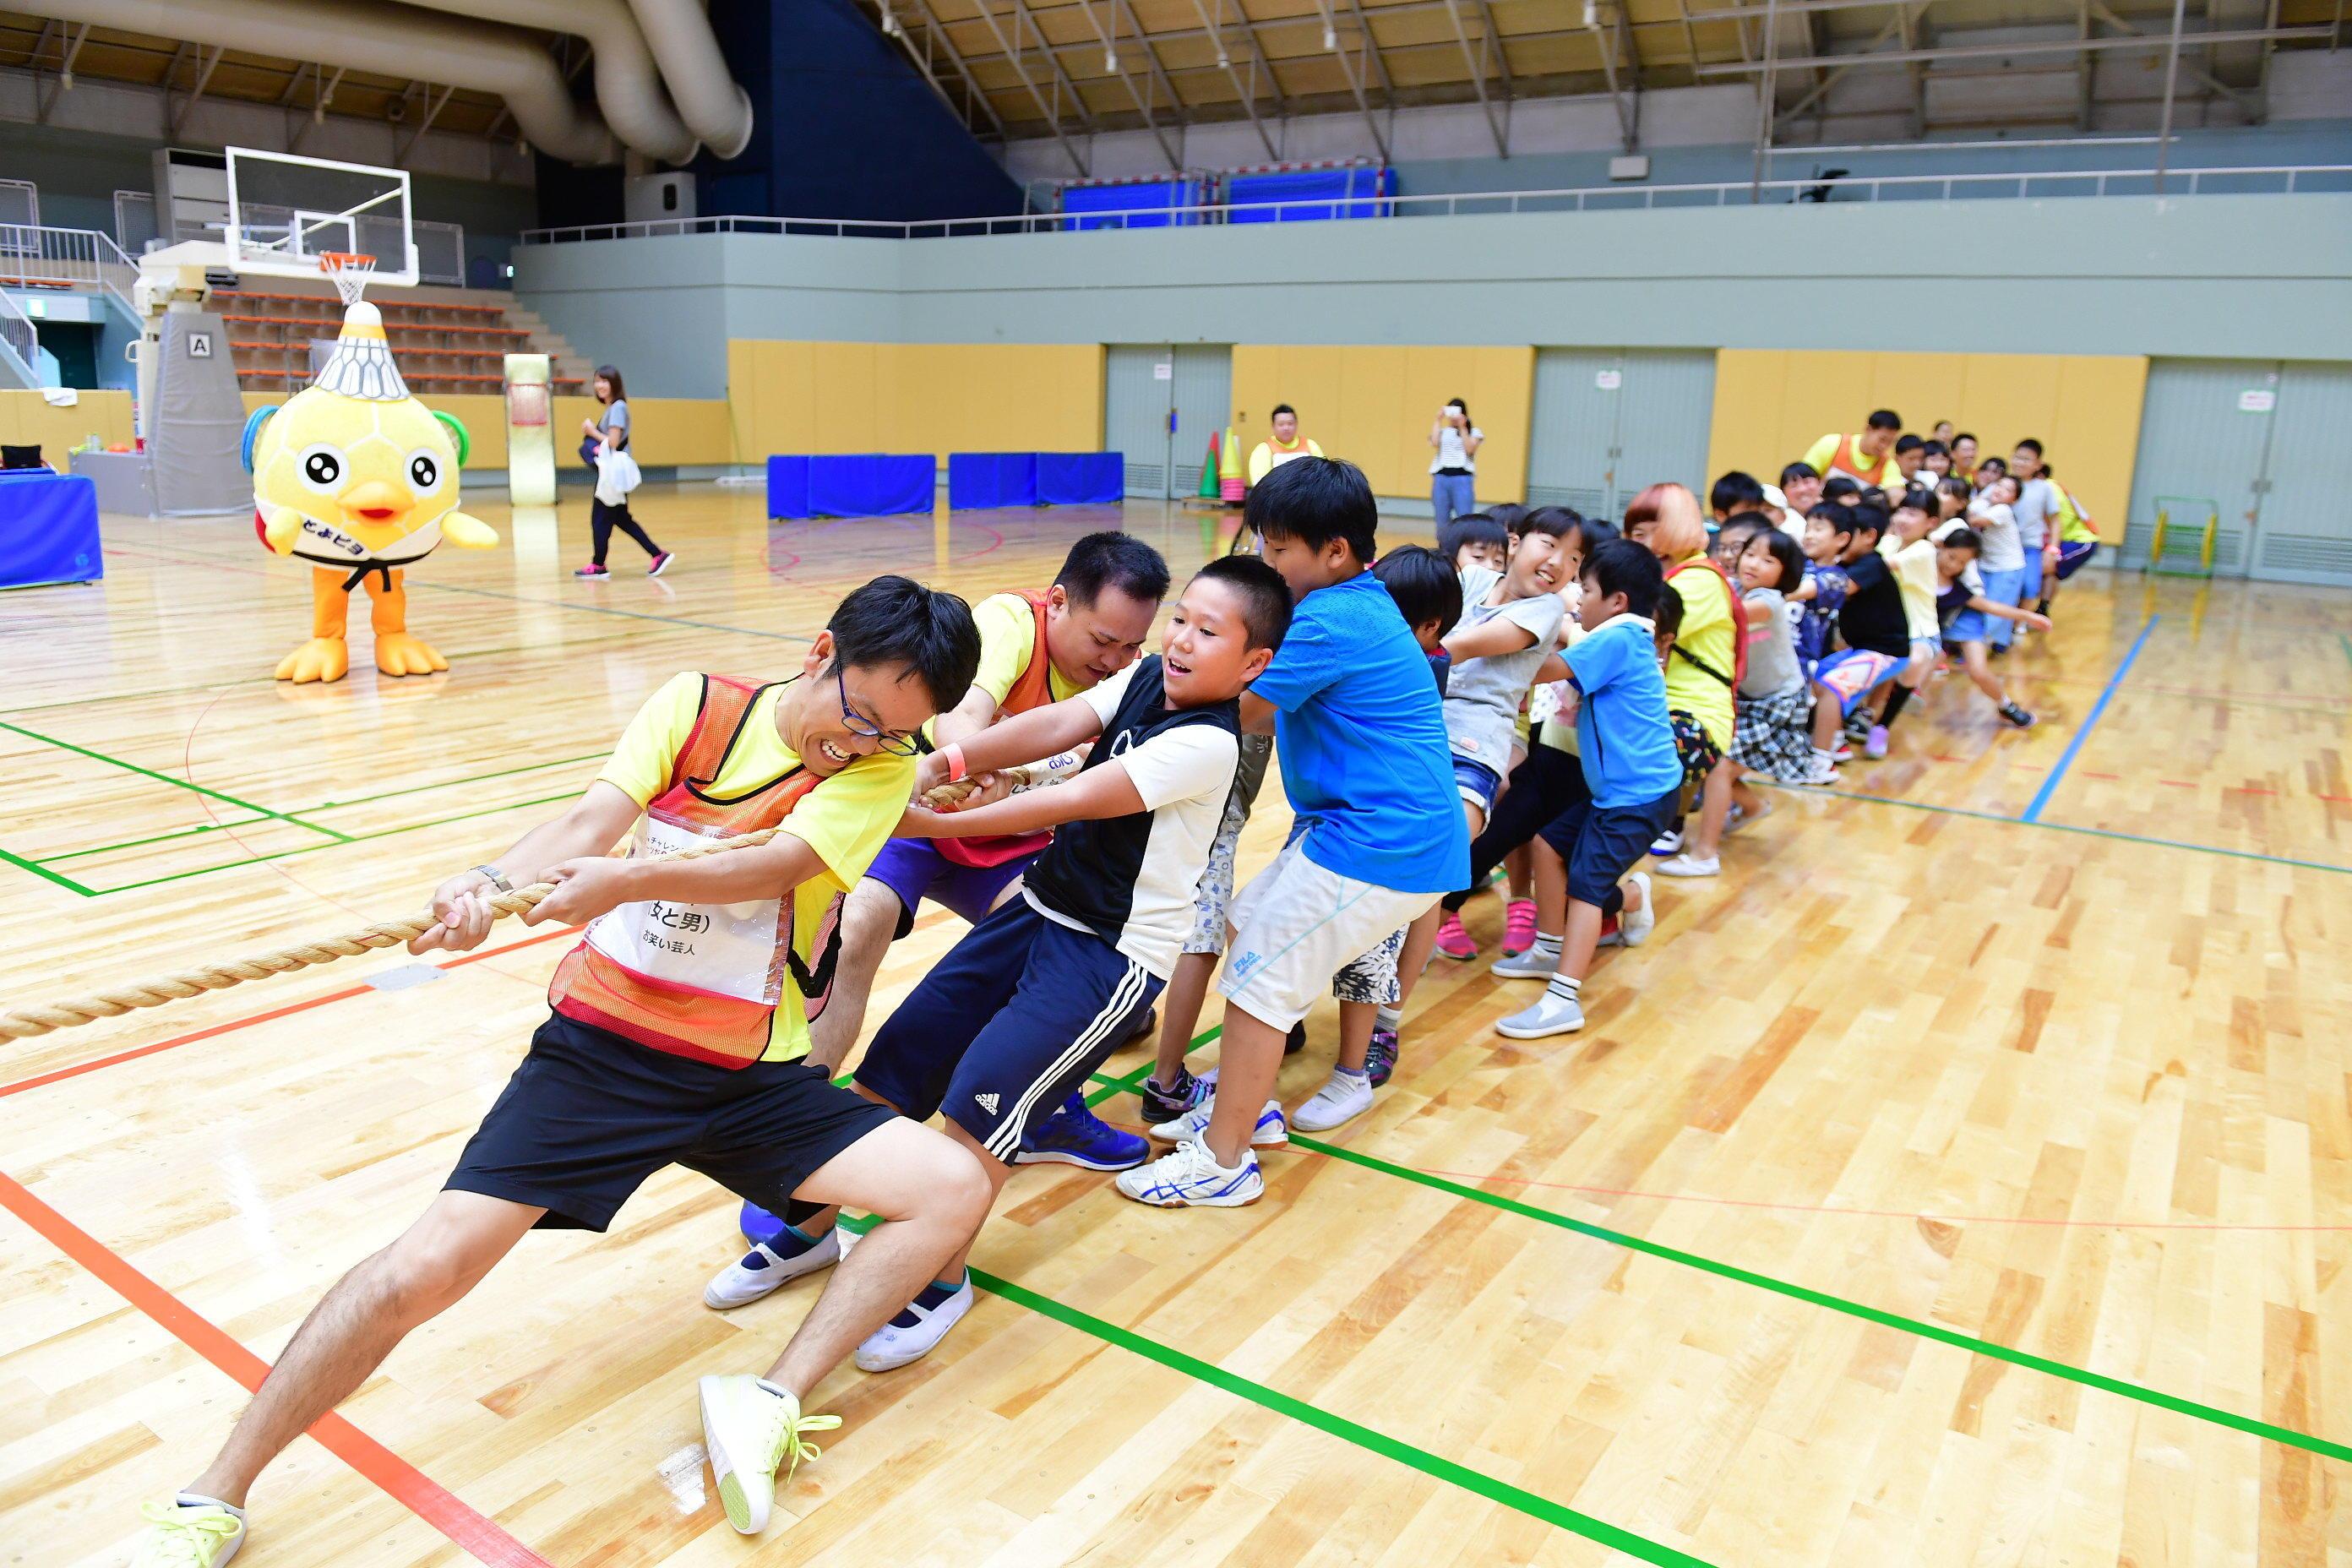 http://news.yoshimoto.co.jp/20181008192941-208fccf29d7cf086721dba4b59bf0f87b6f67093.jpg